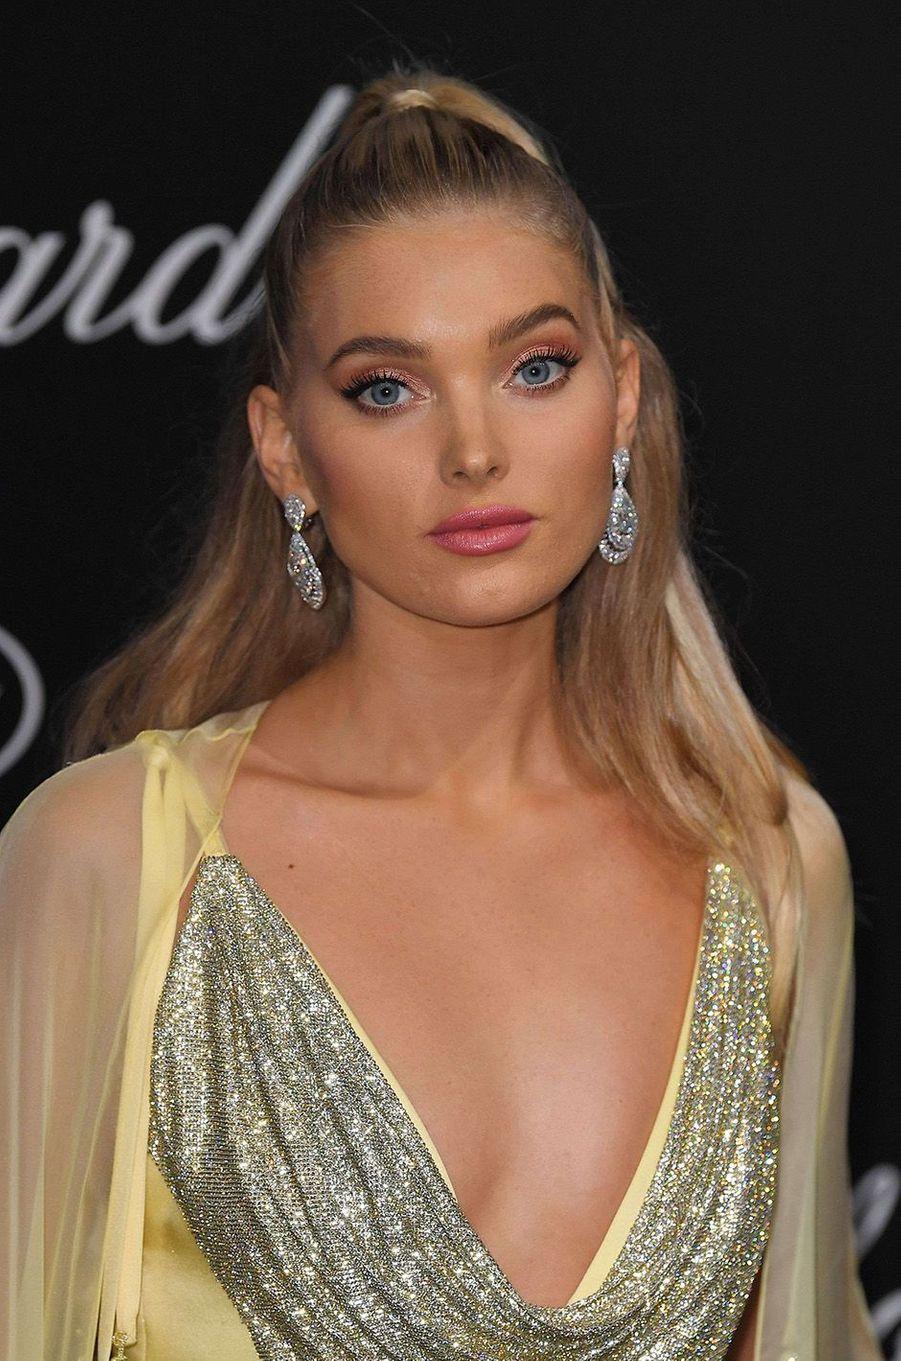 Elsa Hosk à la soirée Chopard à Cannes, le 11 mai 2018.